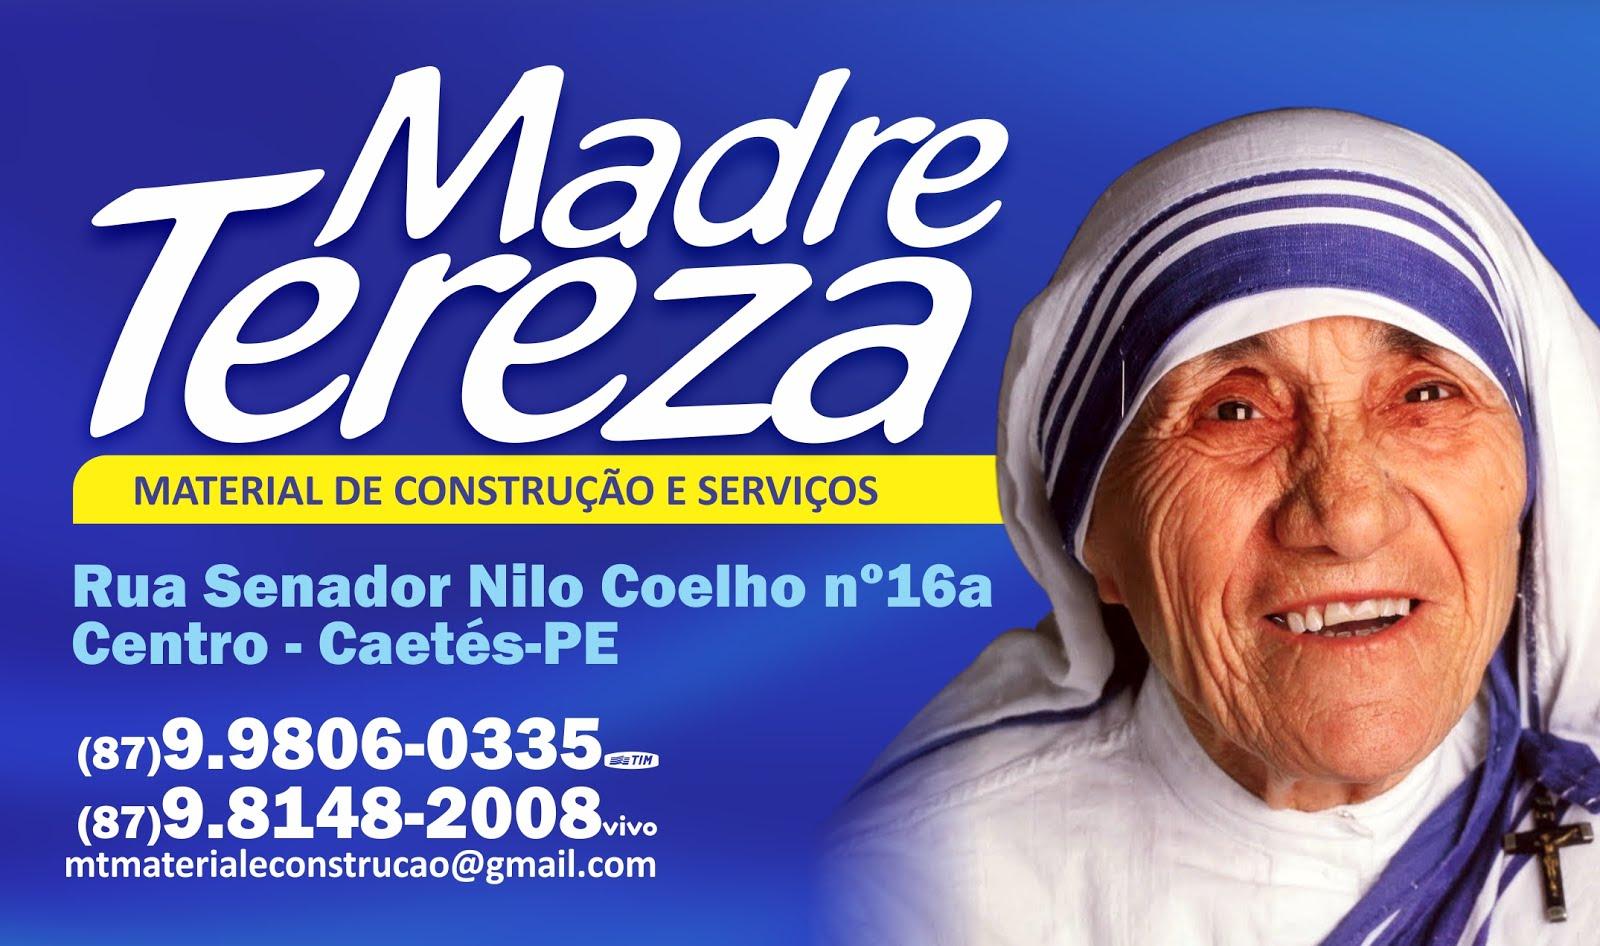 CASA DE MATERIAL DE CONSTRUÇÃO MADRE TEREZA